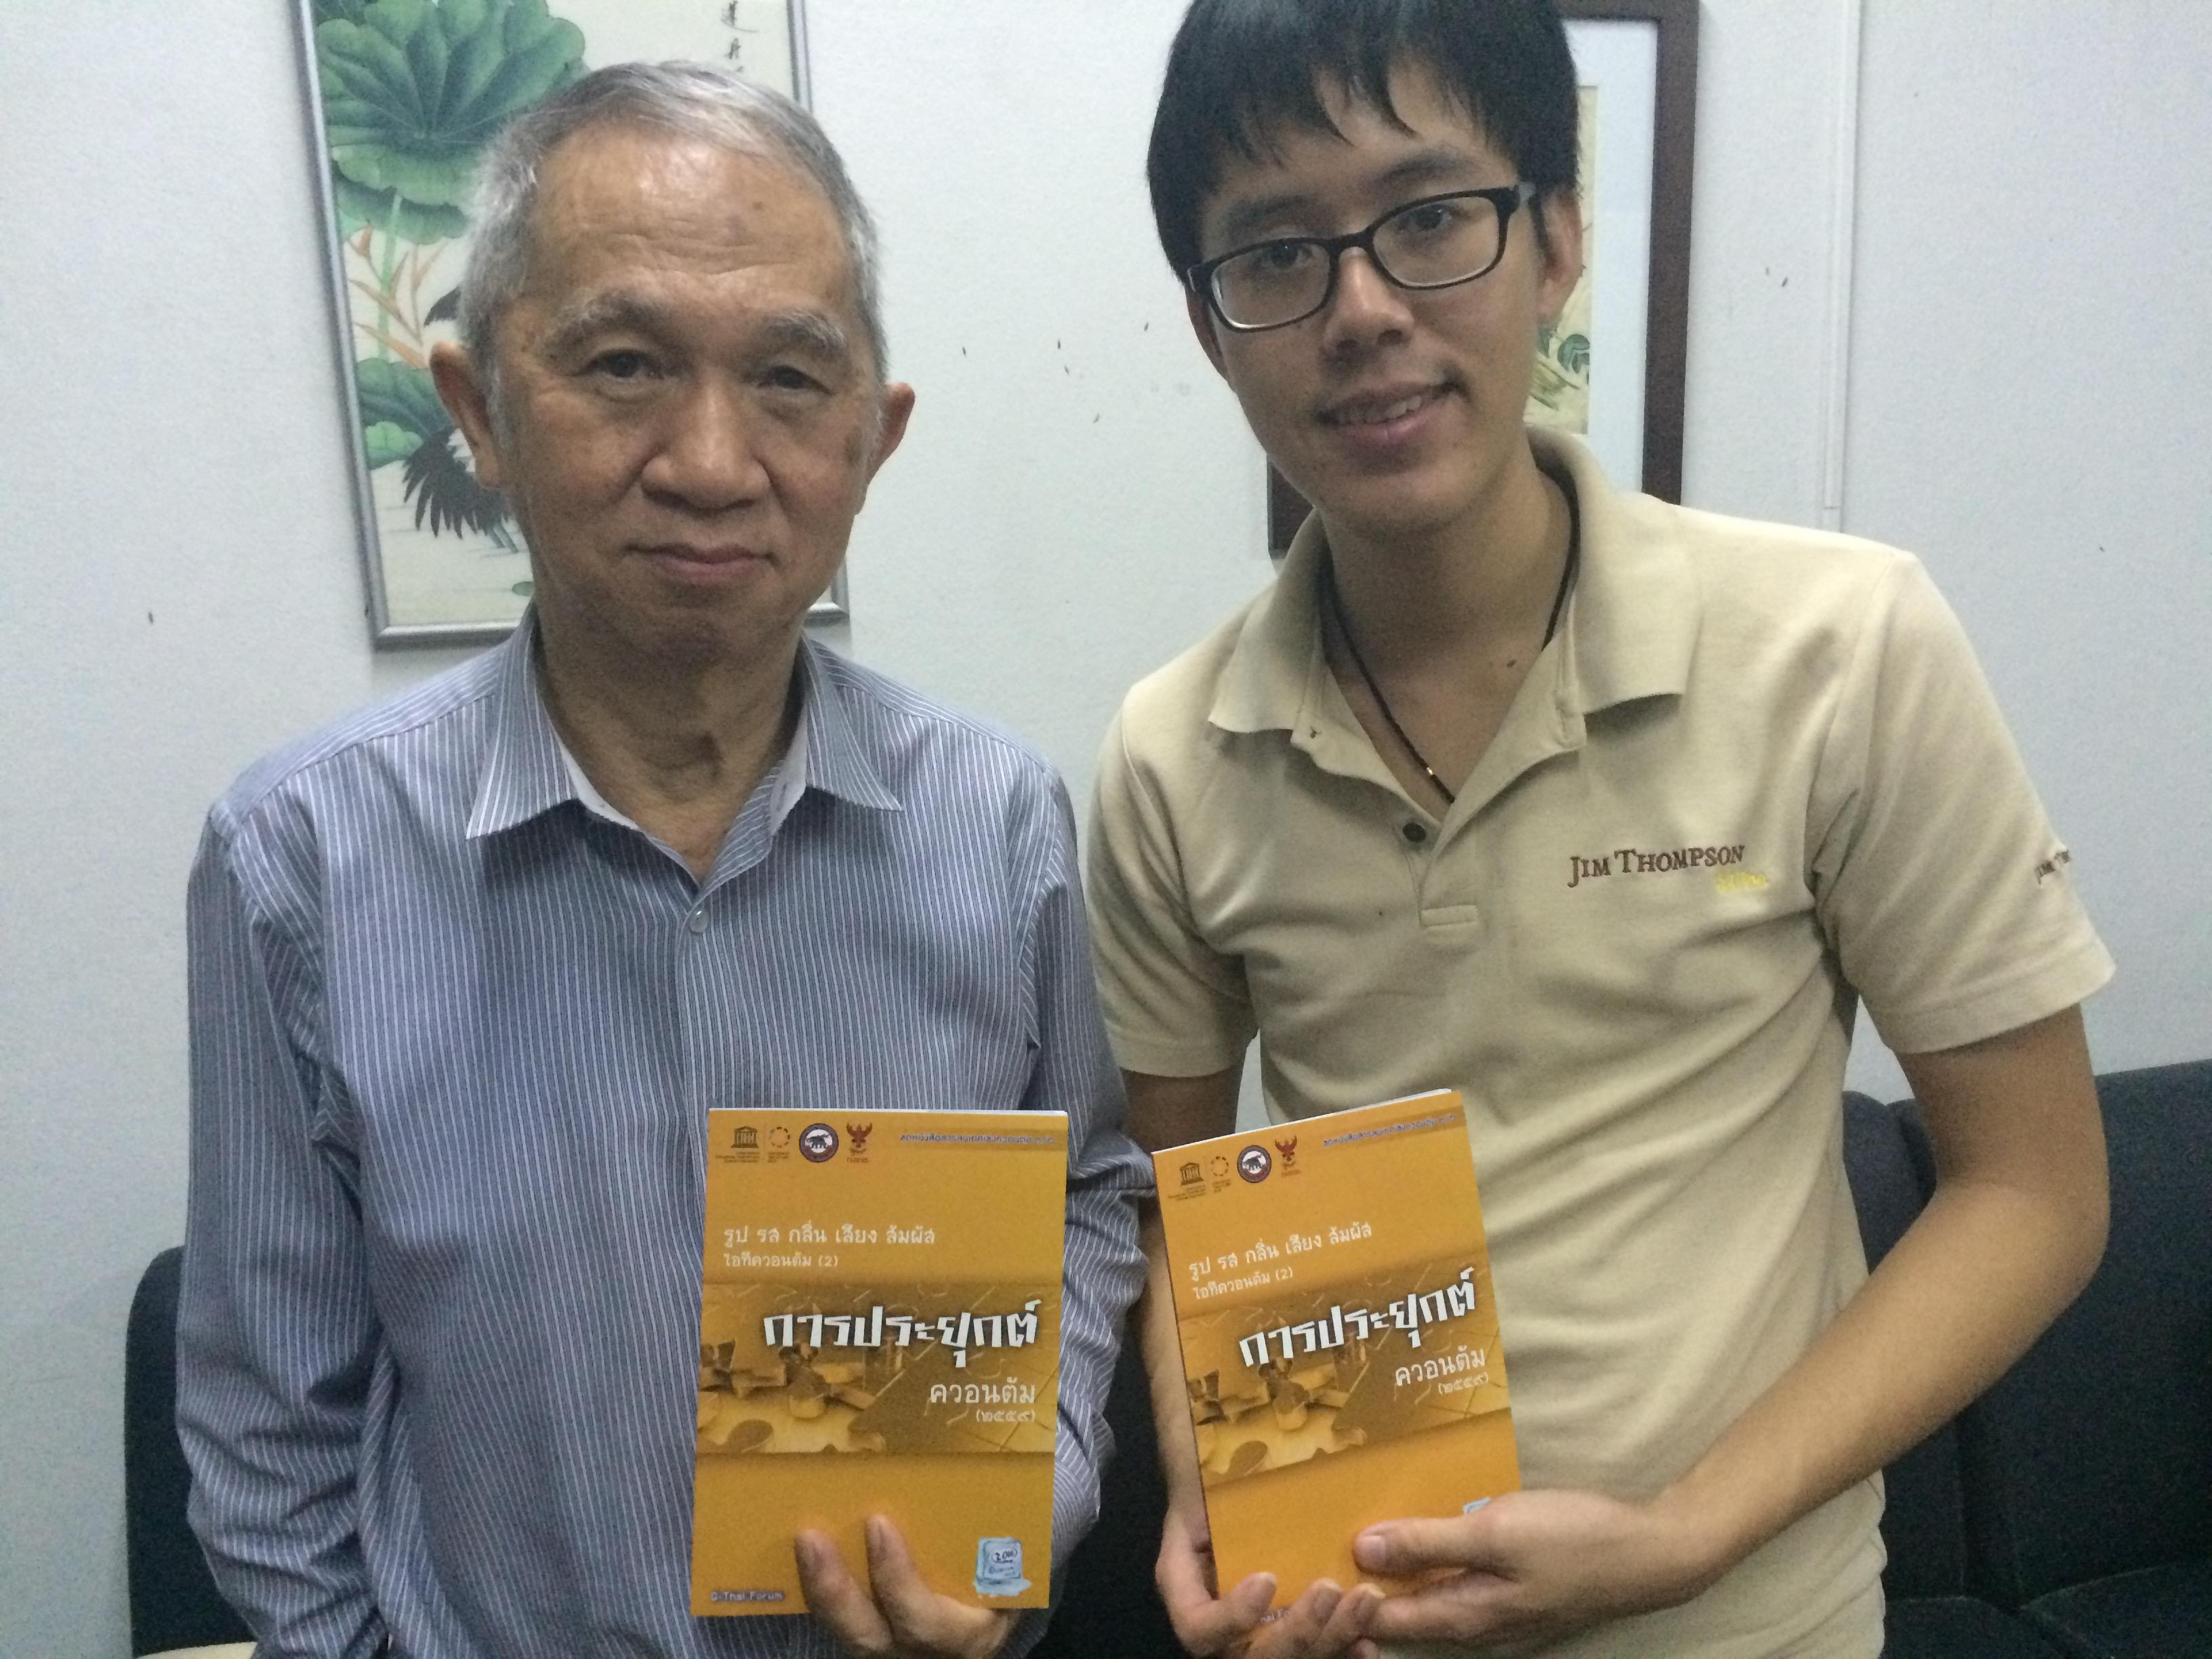 Thai scholar visit expert